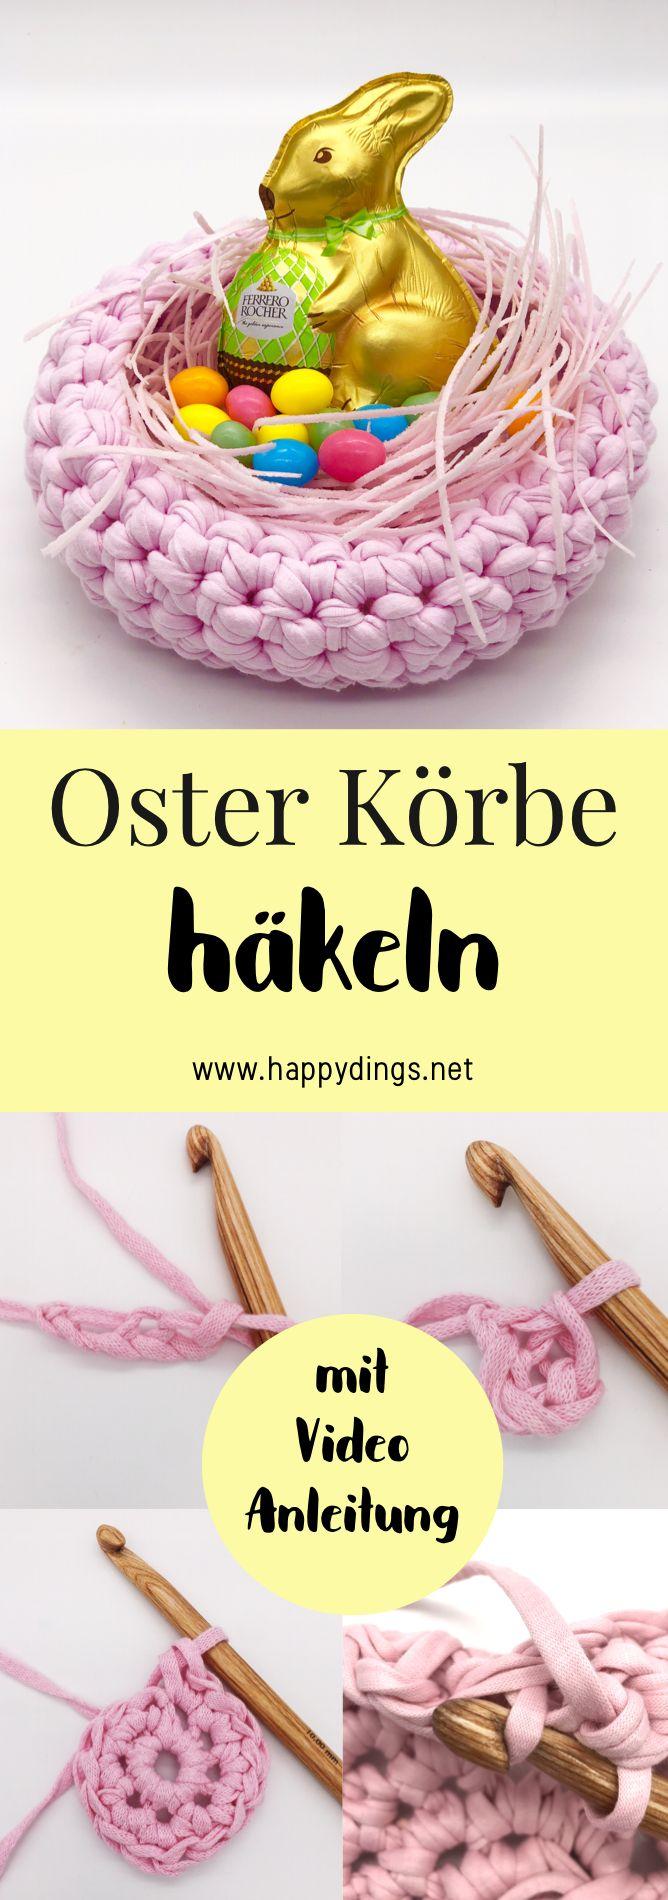 735 best Häkeln images on Pinterest | Amigurumi, Amigurumi patterns ...